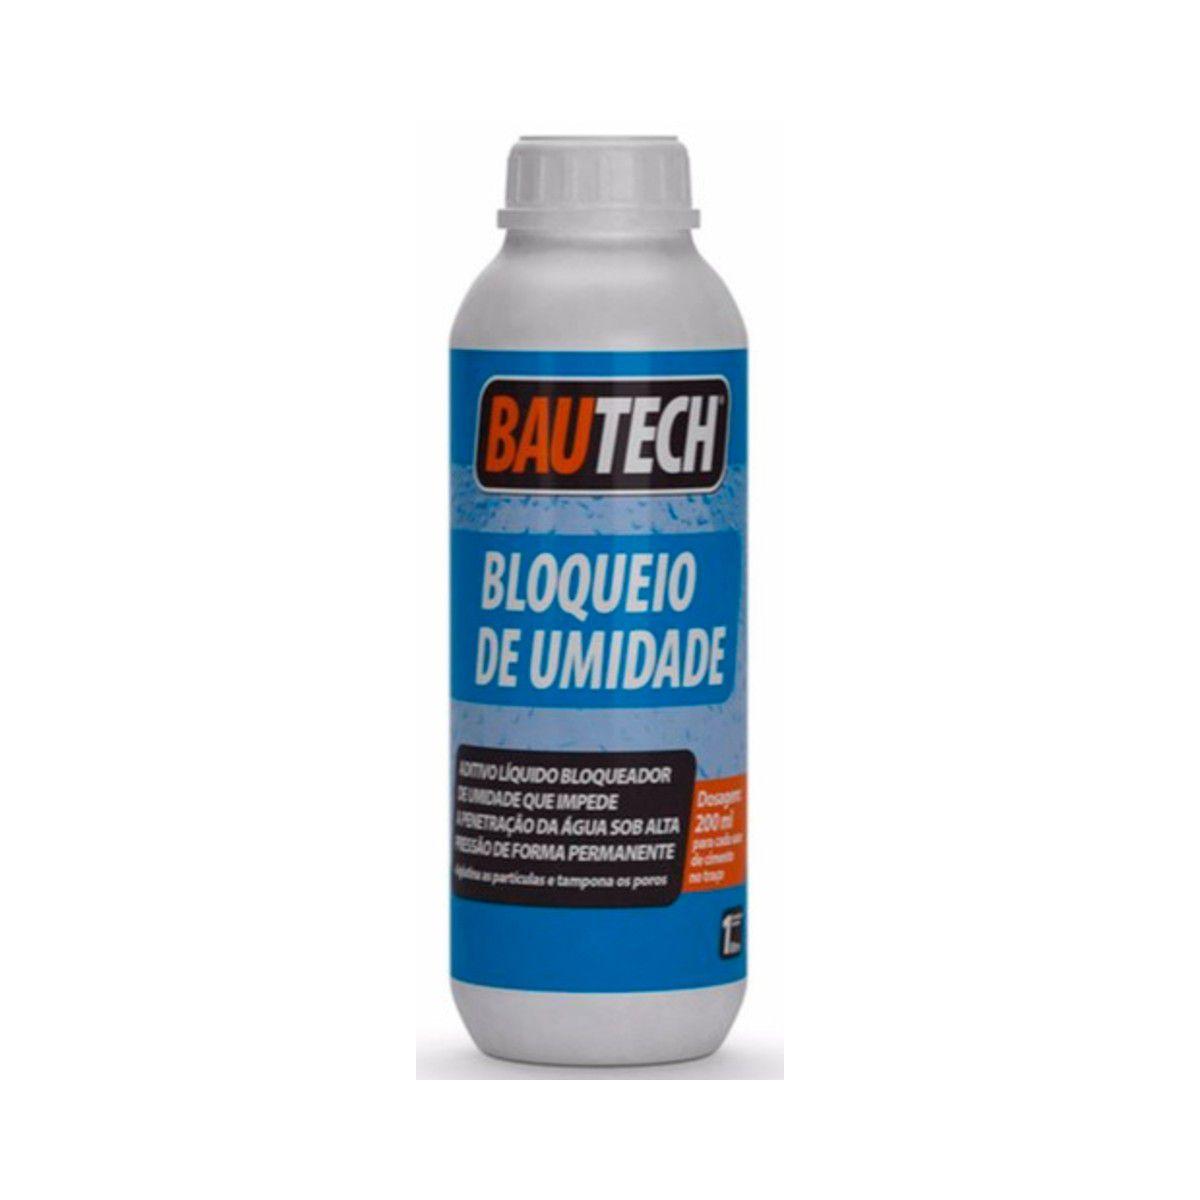 Bautech Recristal Bloqueio de Umidade 1L